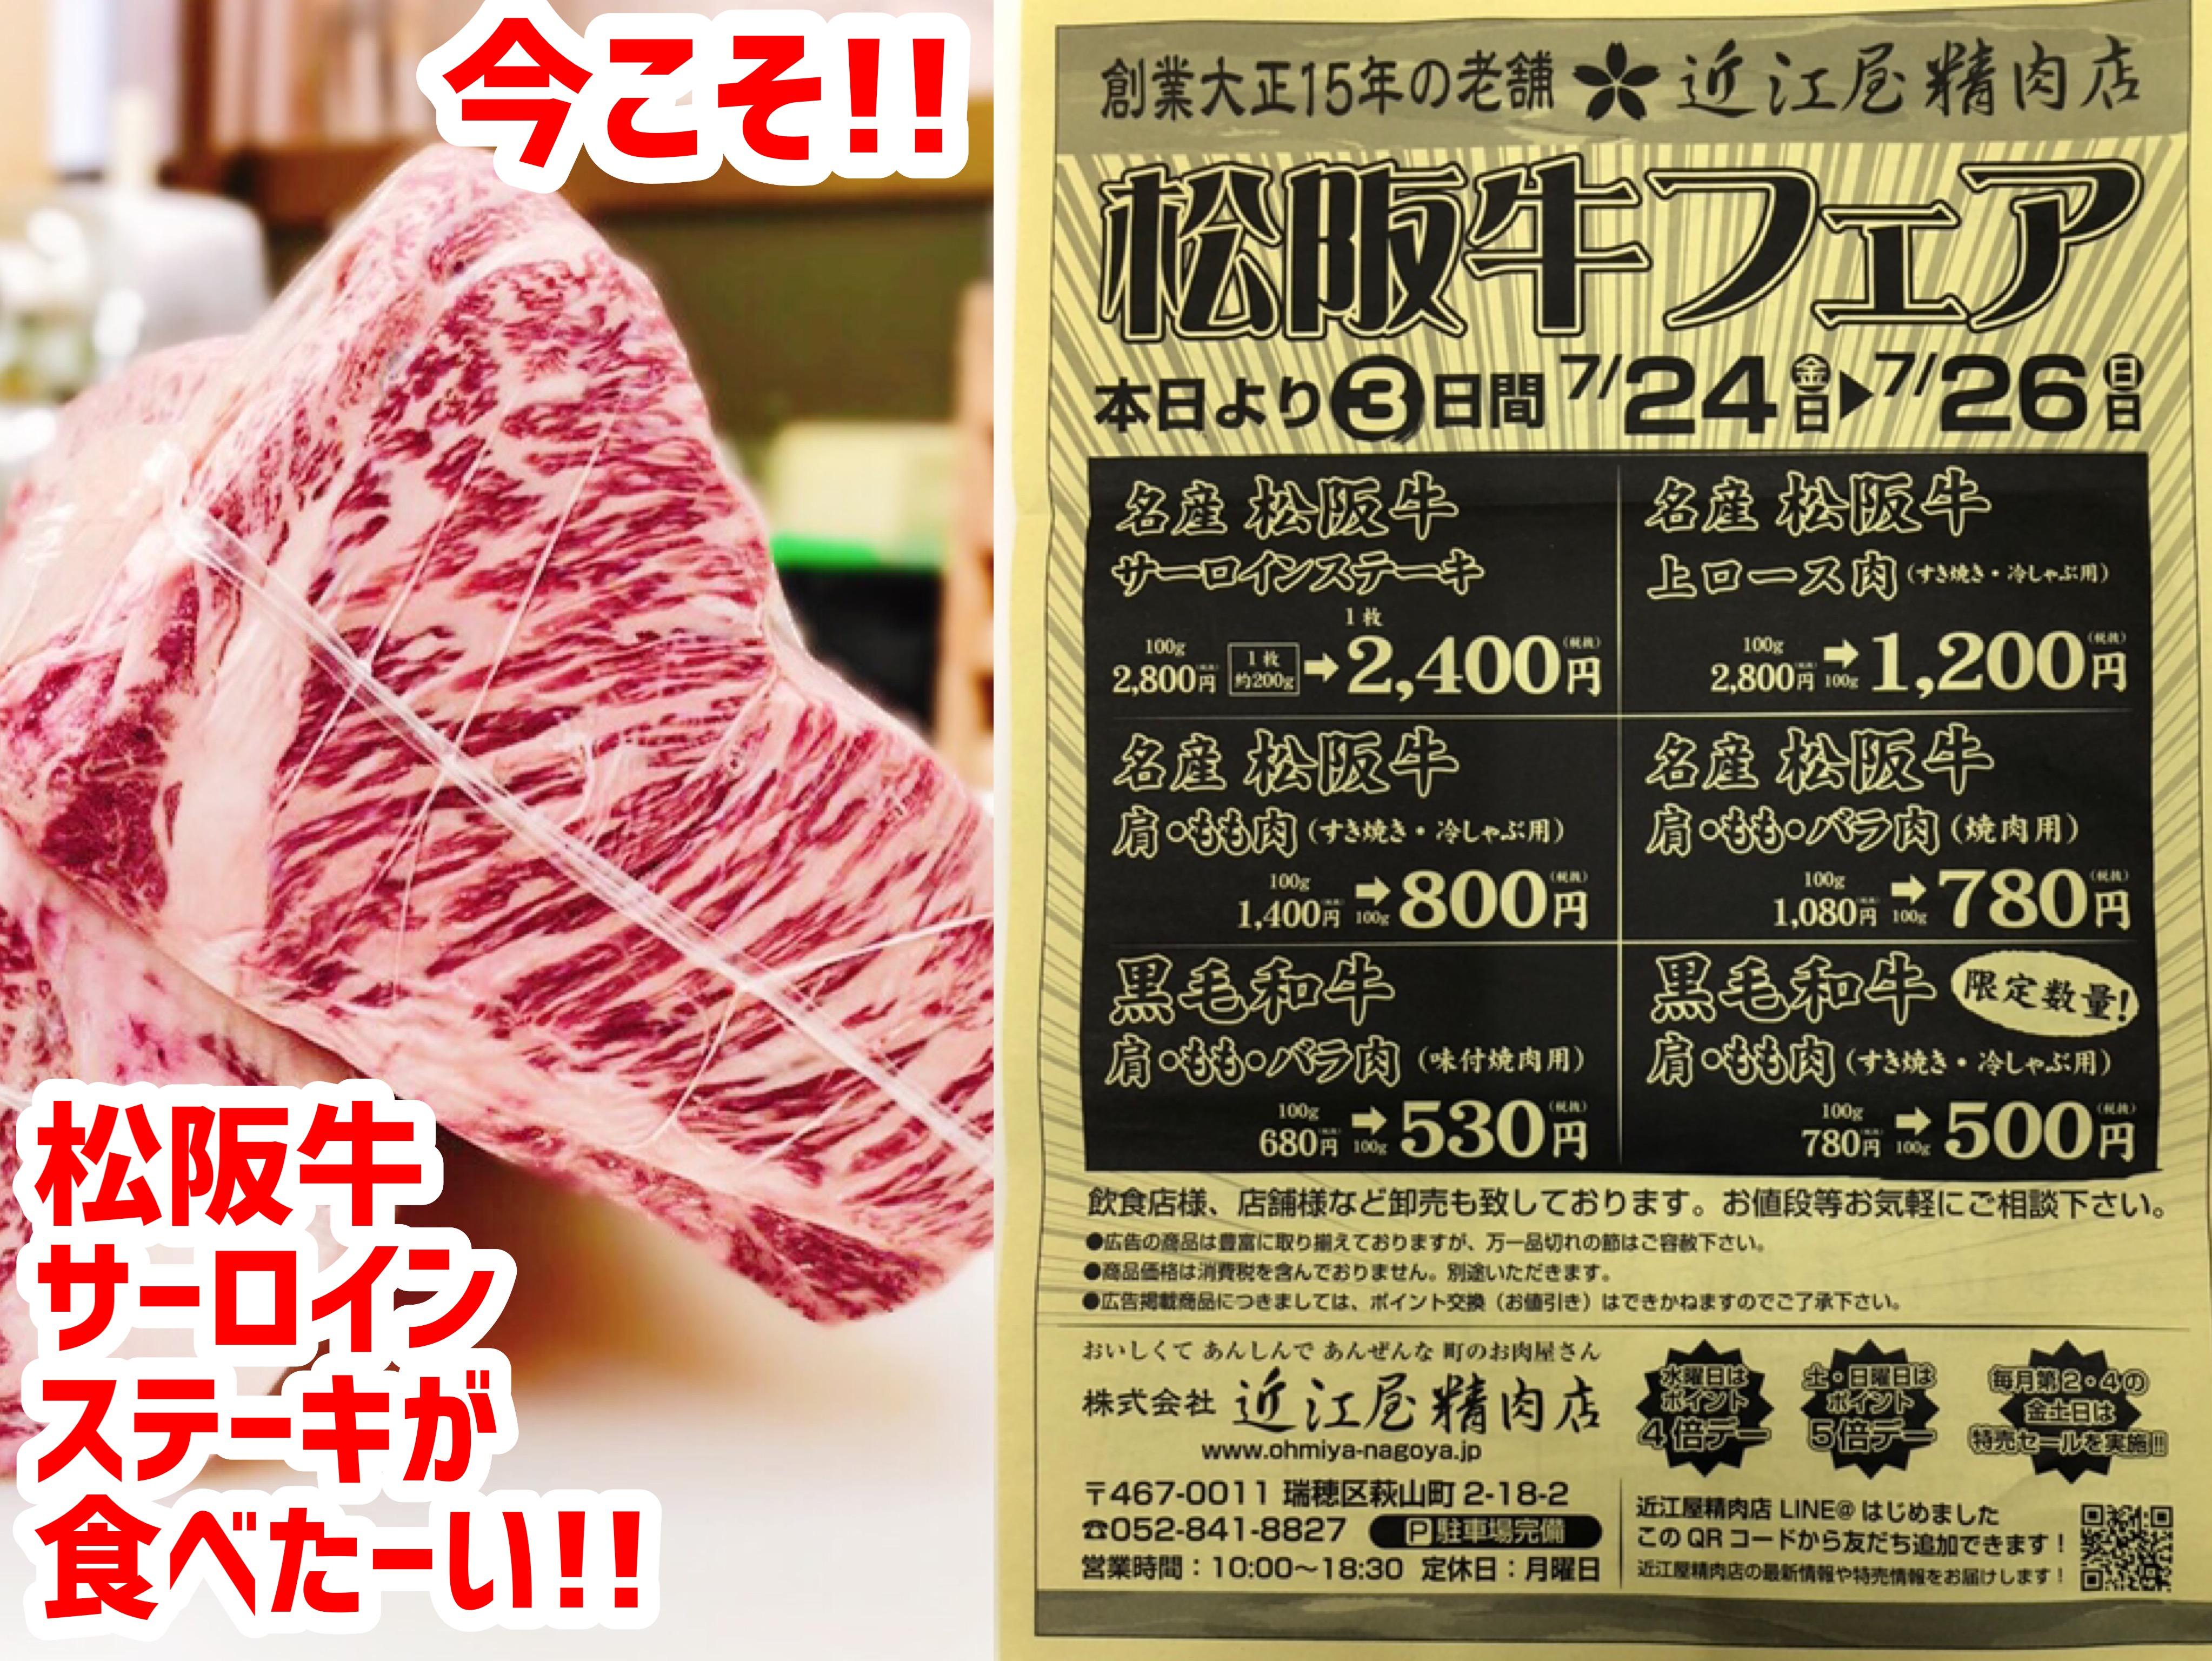 7/24〜26名産松阪牛特売告知〜!